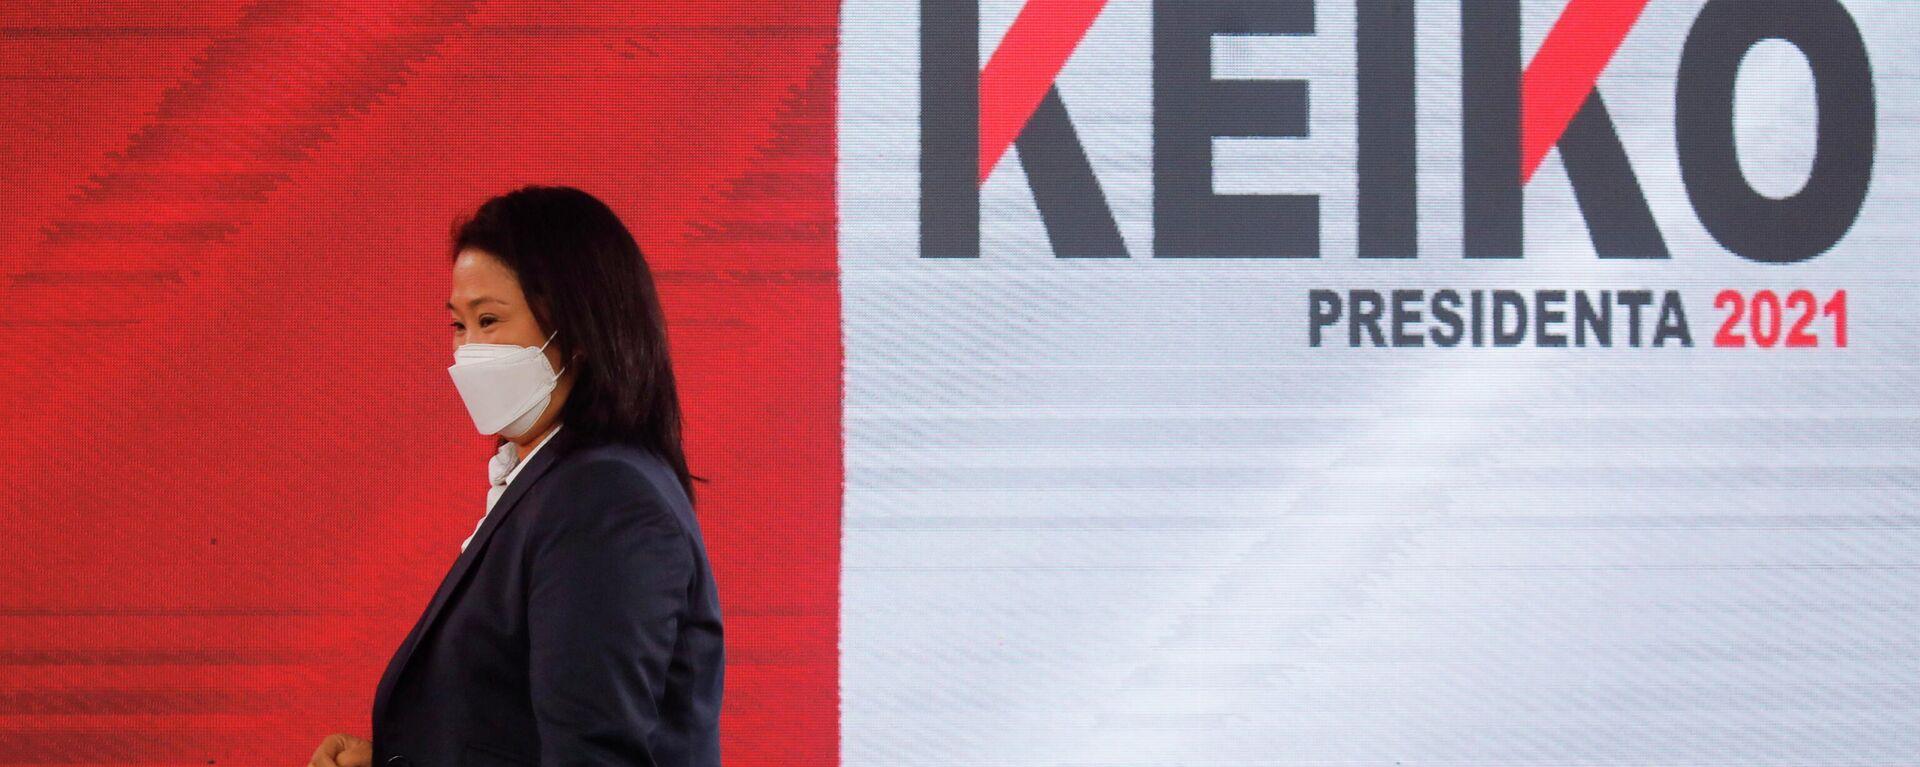 Keiko Fujimori, candidata a la presidencia de Perú - Sputnik Mundo, 1920, 06.07.2021